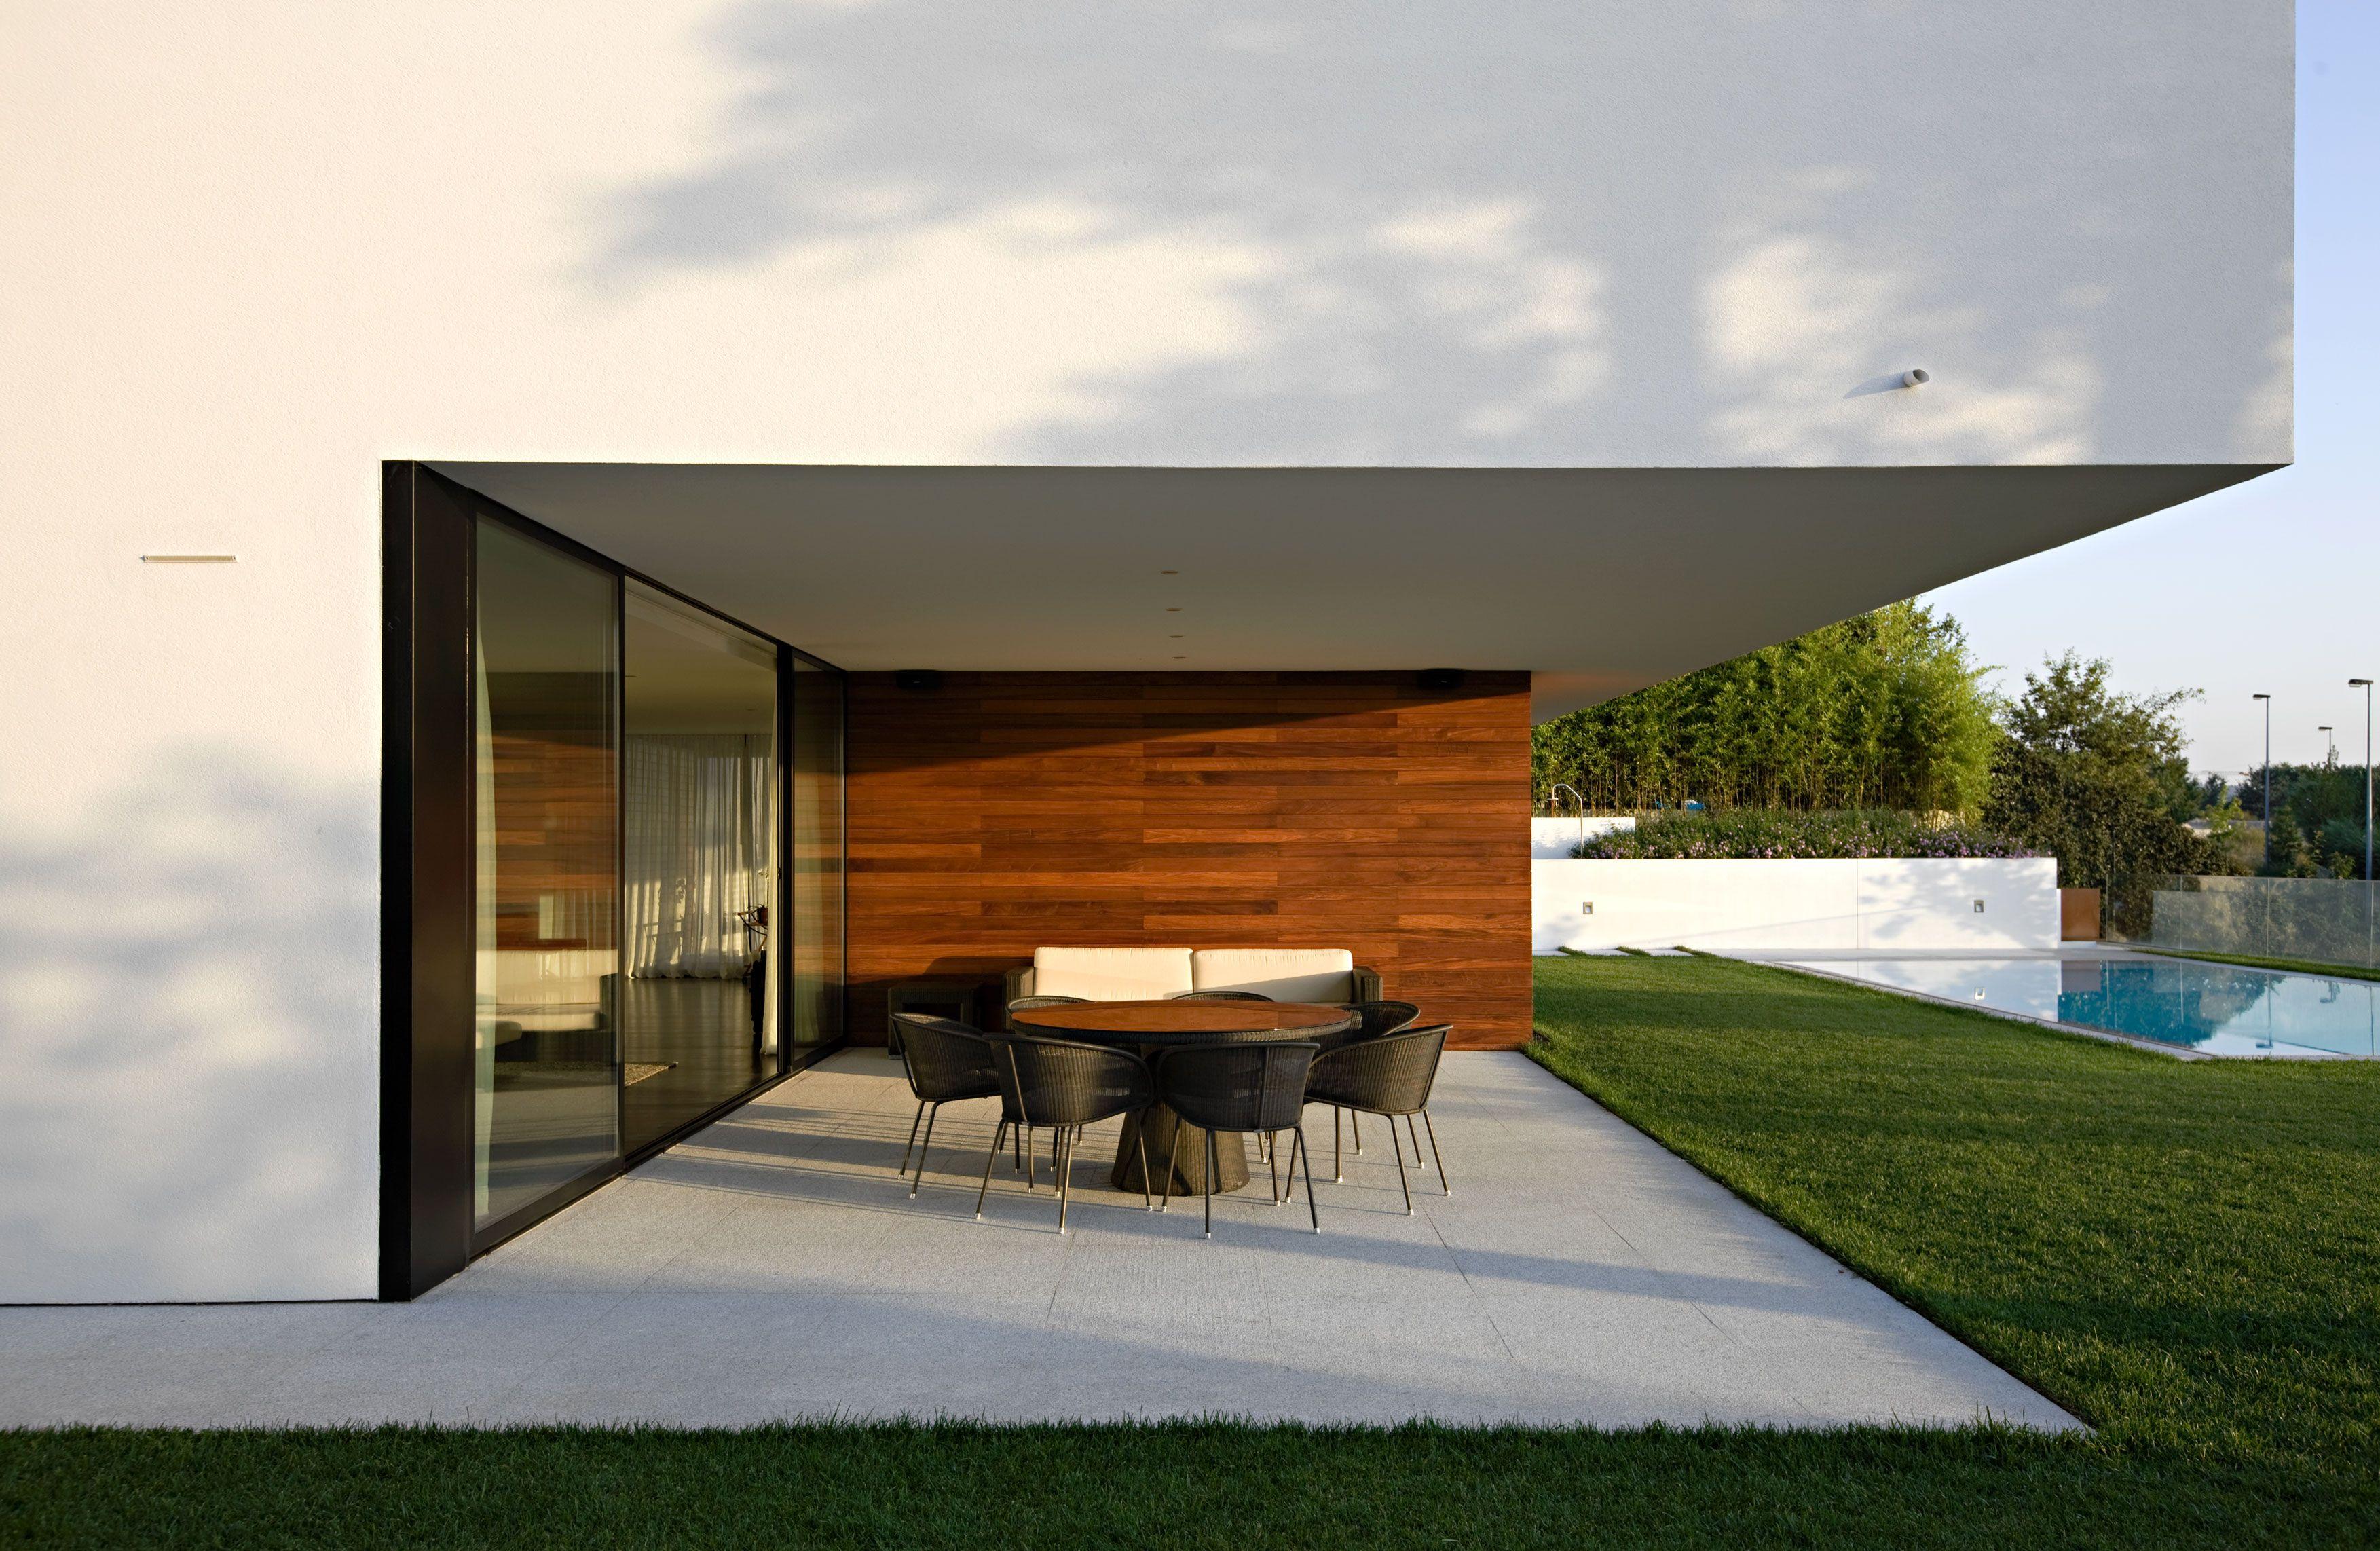 casa cs : Pitagoras Group